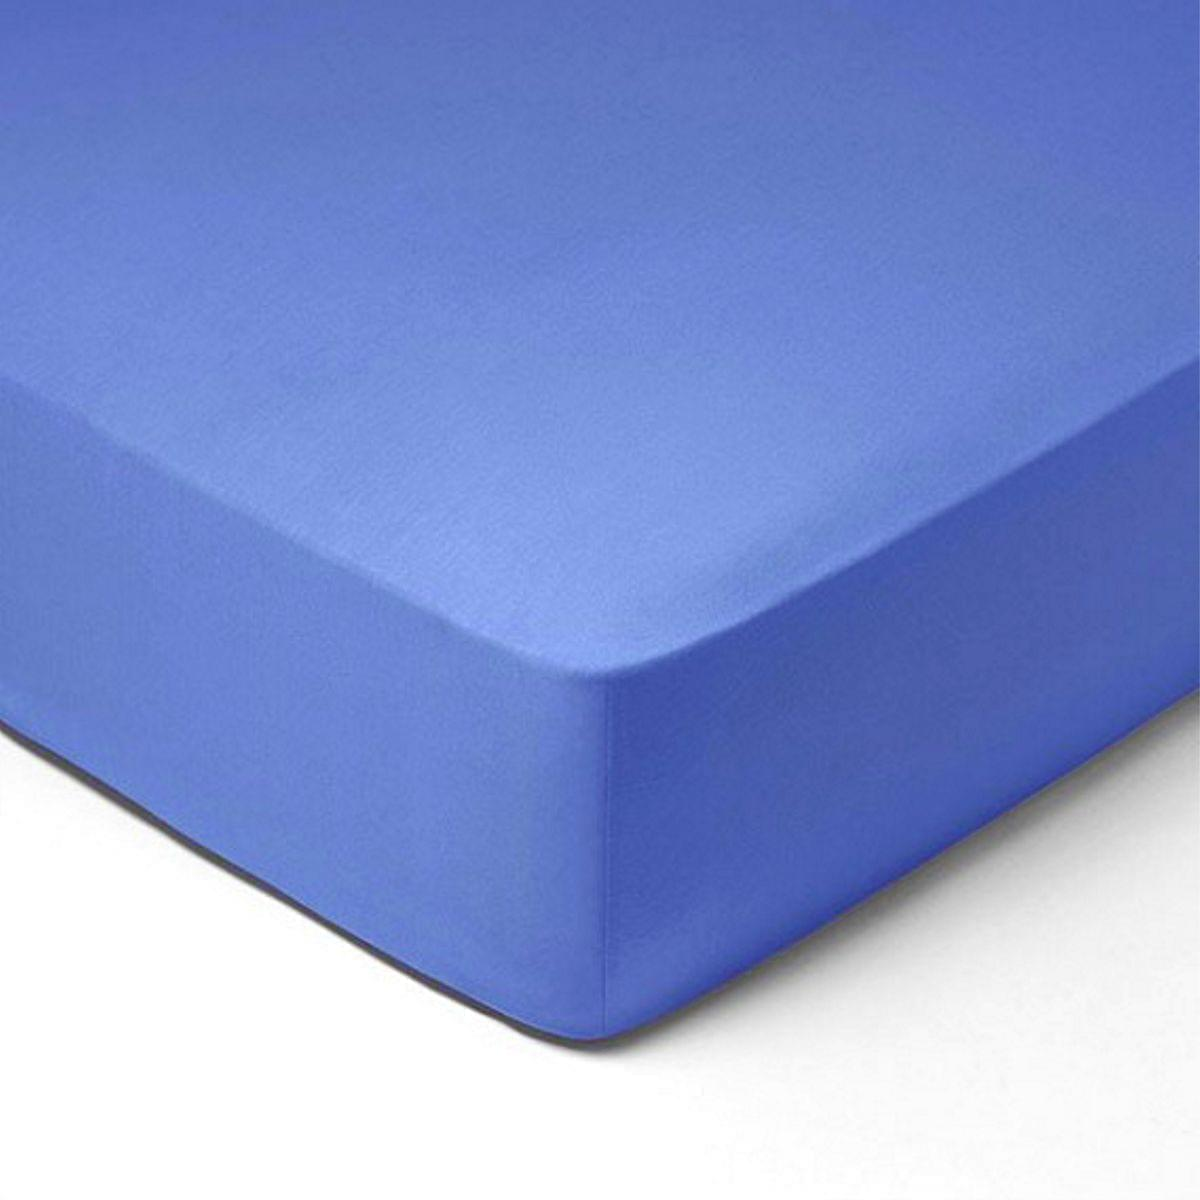 Forbyt, Prostěradlo, Jersey, světle modrá 180 x 200 cm